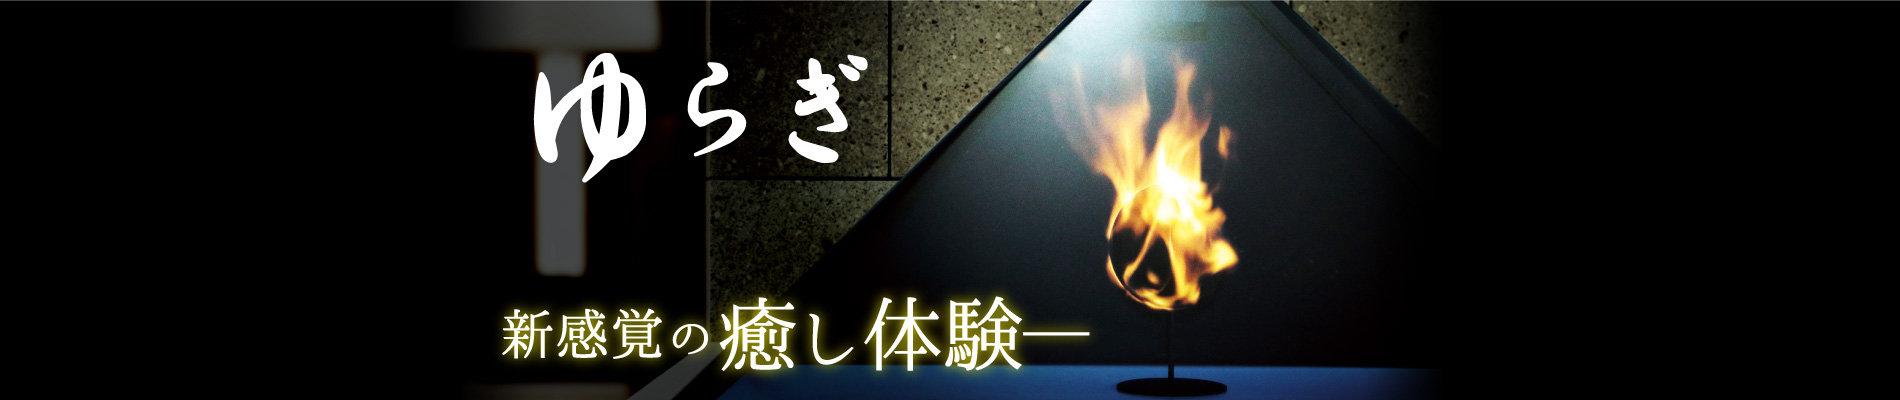 ゆらぎ_1900x400.jpg